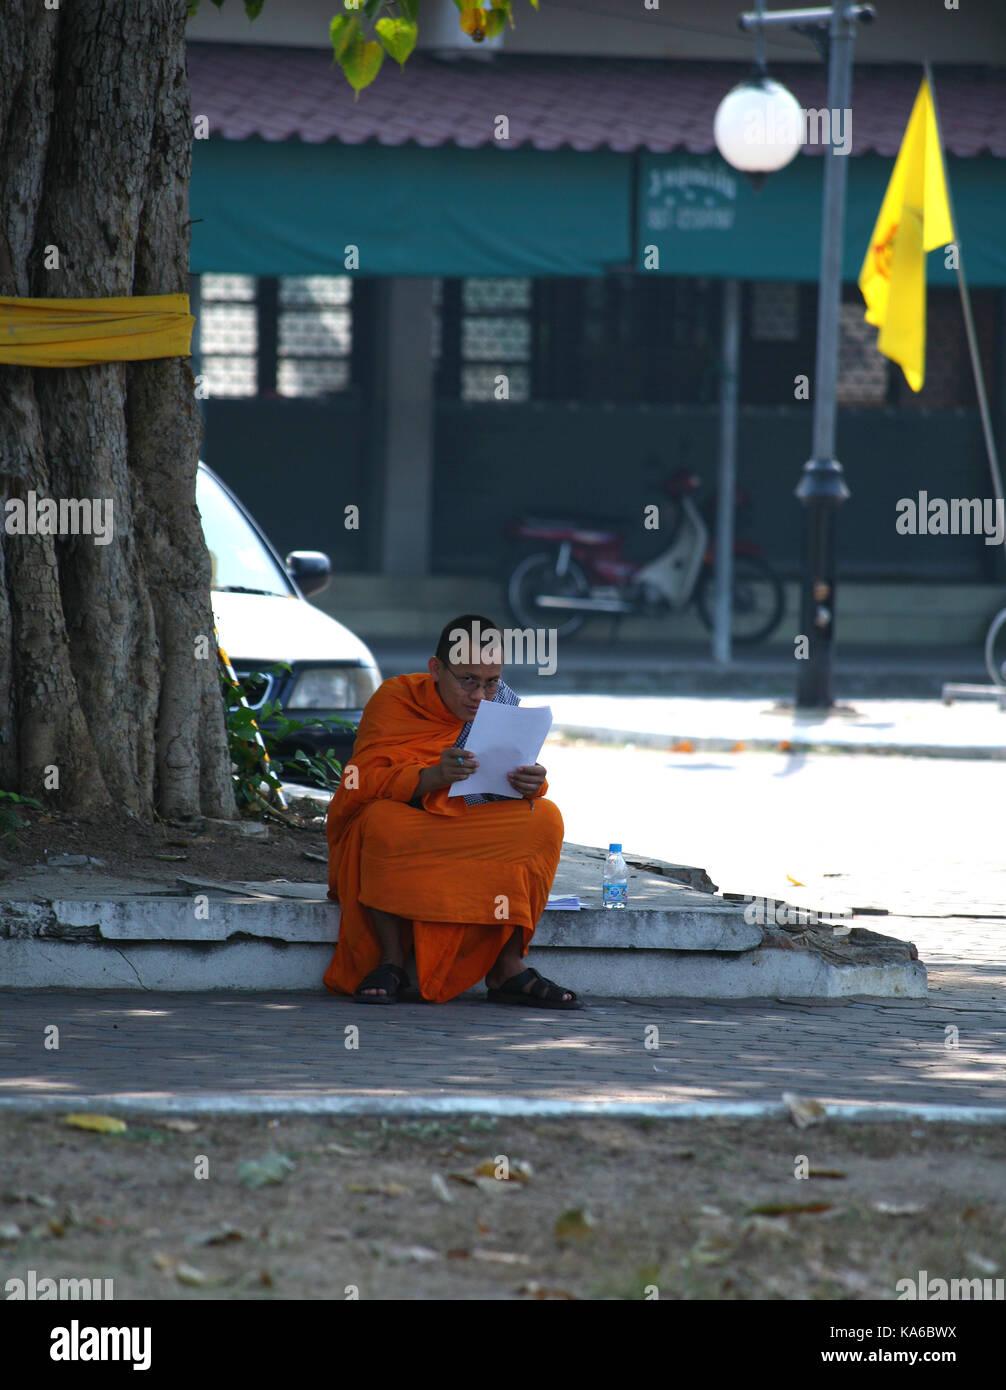 La vita quotidiana in un monastero buddista. Monaco buddista legge un libro sotto un albero. Immagini Stock